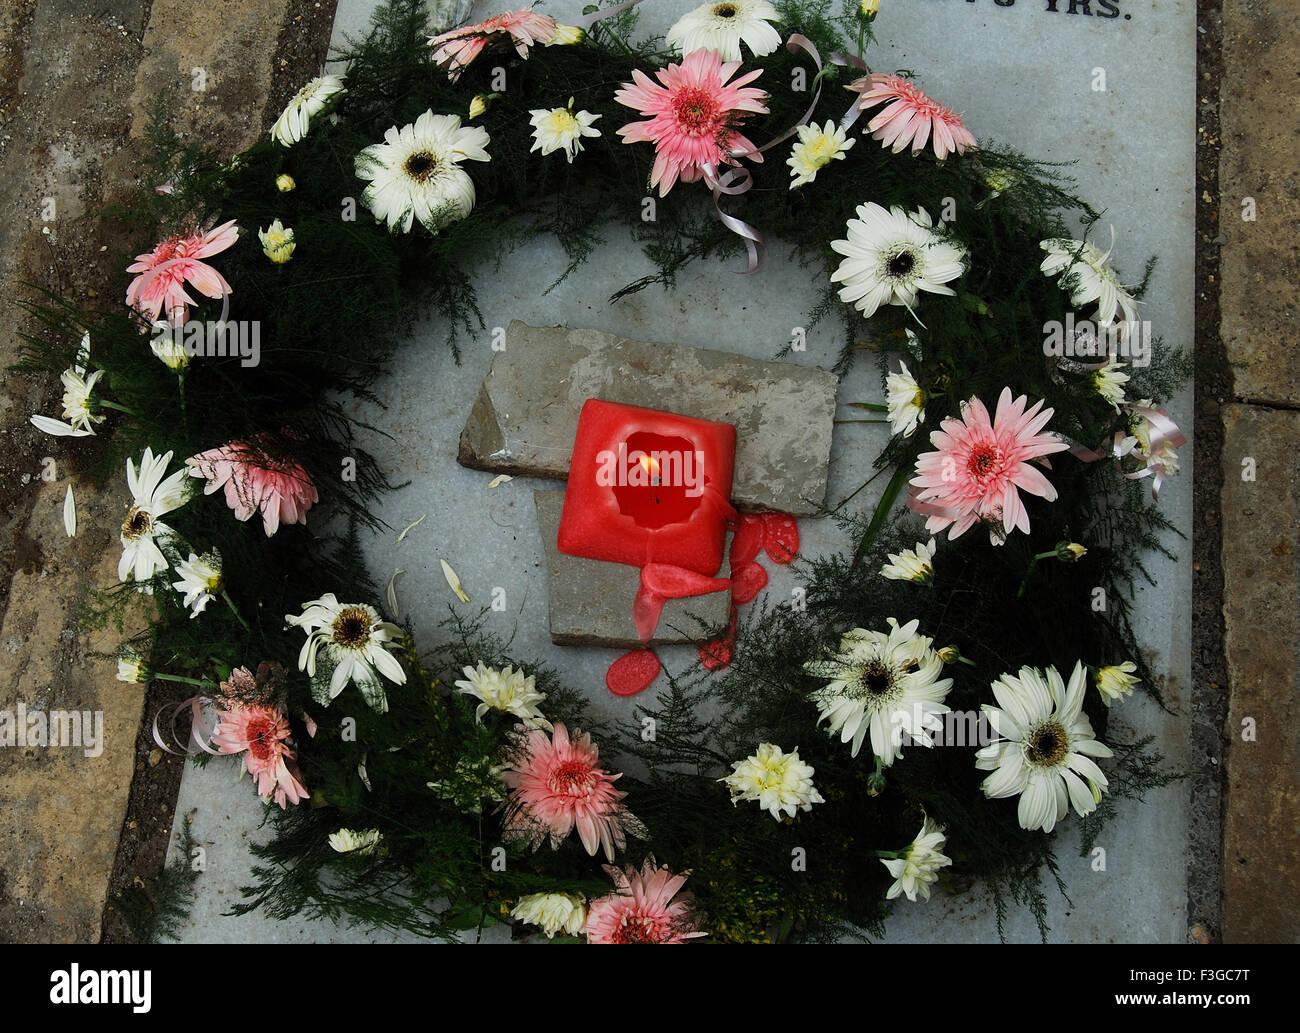 Blumen und Kerzen am Grab für Hommage an die verstorbene Seele am 2. Tag seiner Beerdigung Stockbild